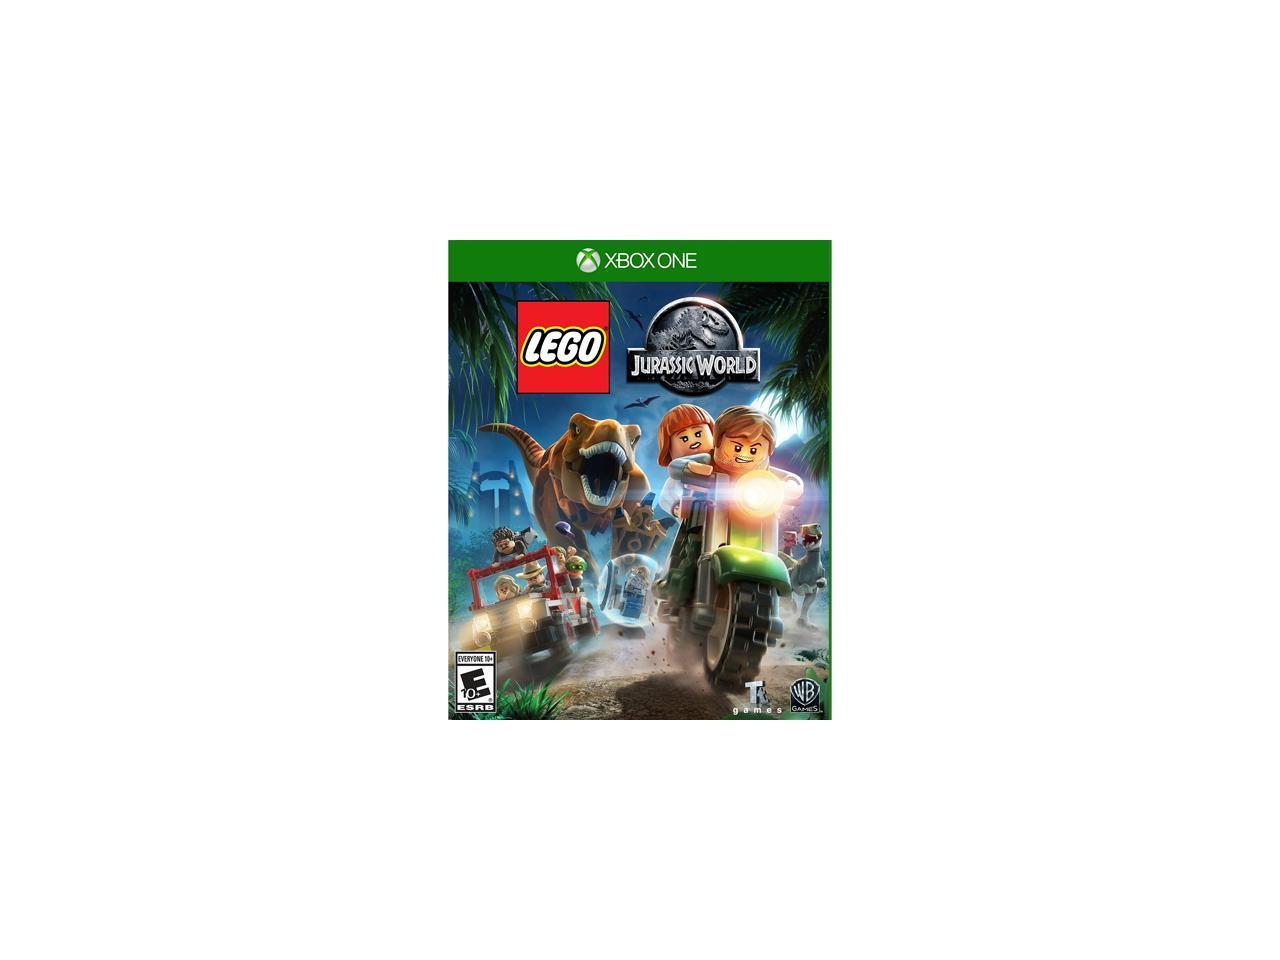 lego jurassic world xbox one 883929472727  ebay